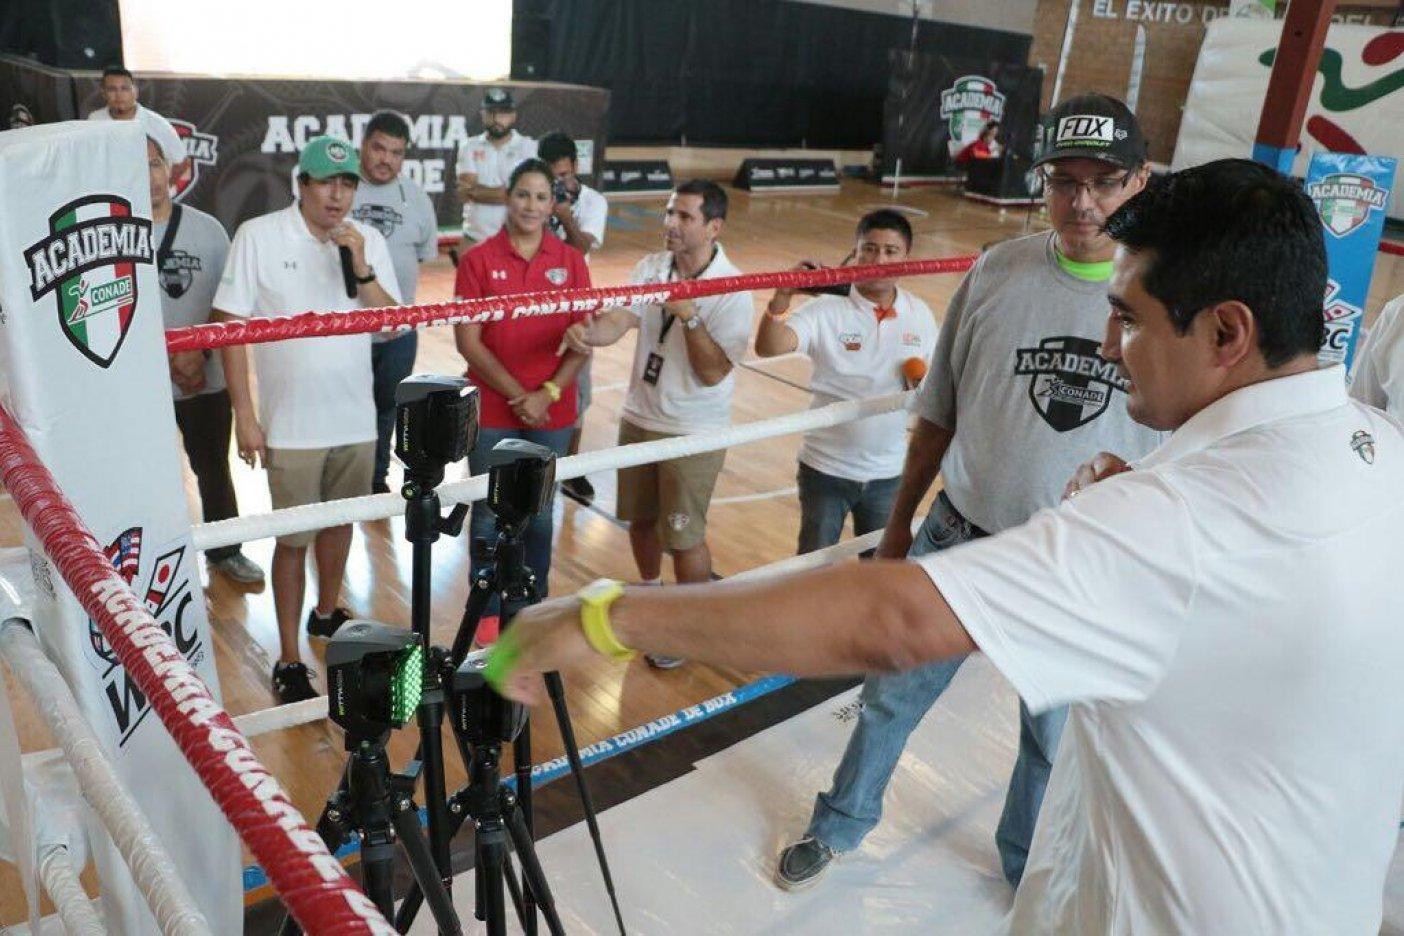 Segunda etapa de pruebas de la Academia de box Conade